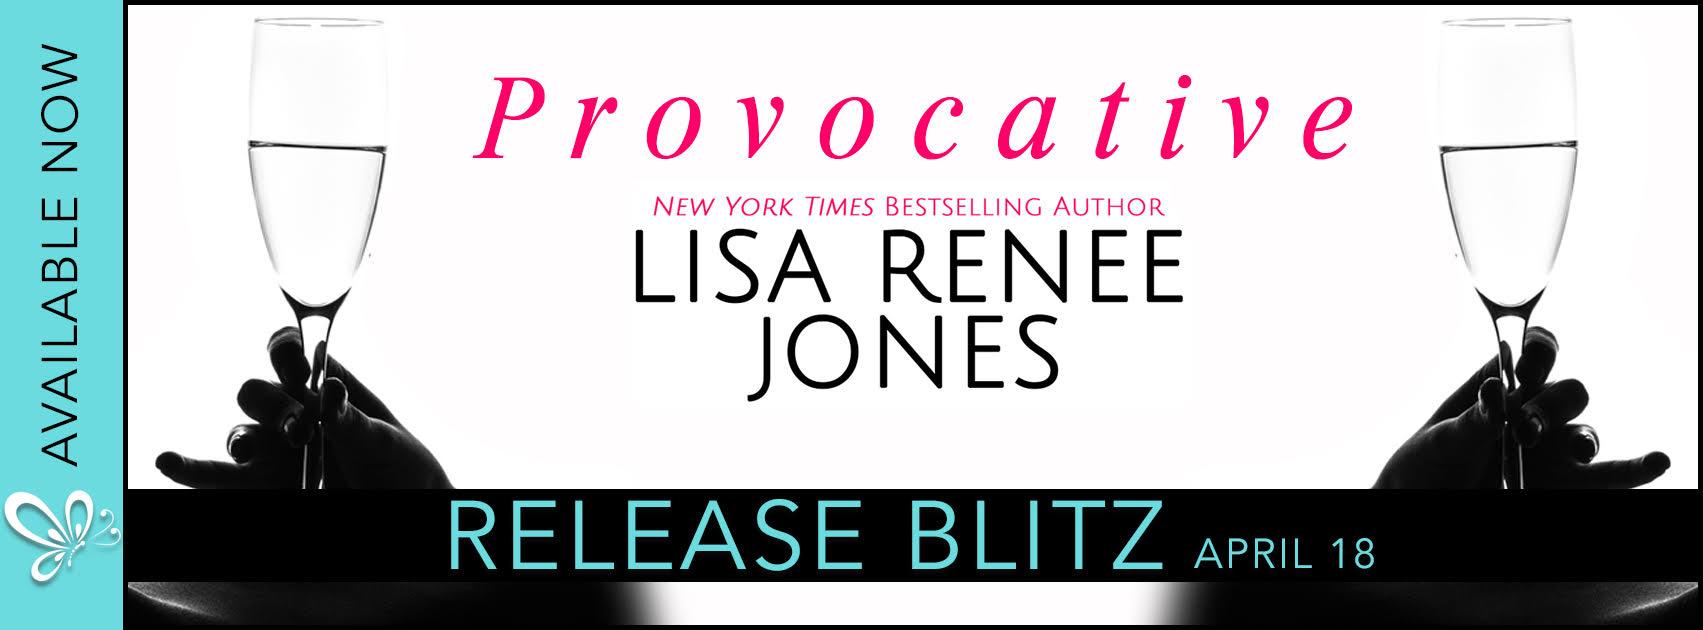 Release Blitz: Provocative by Lisa Renee Jones